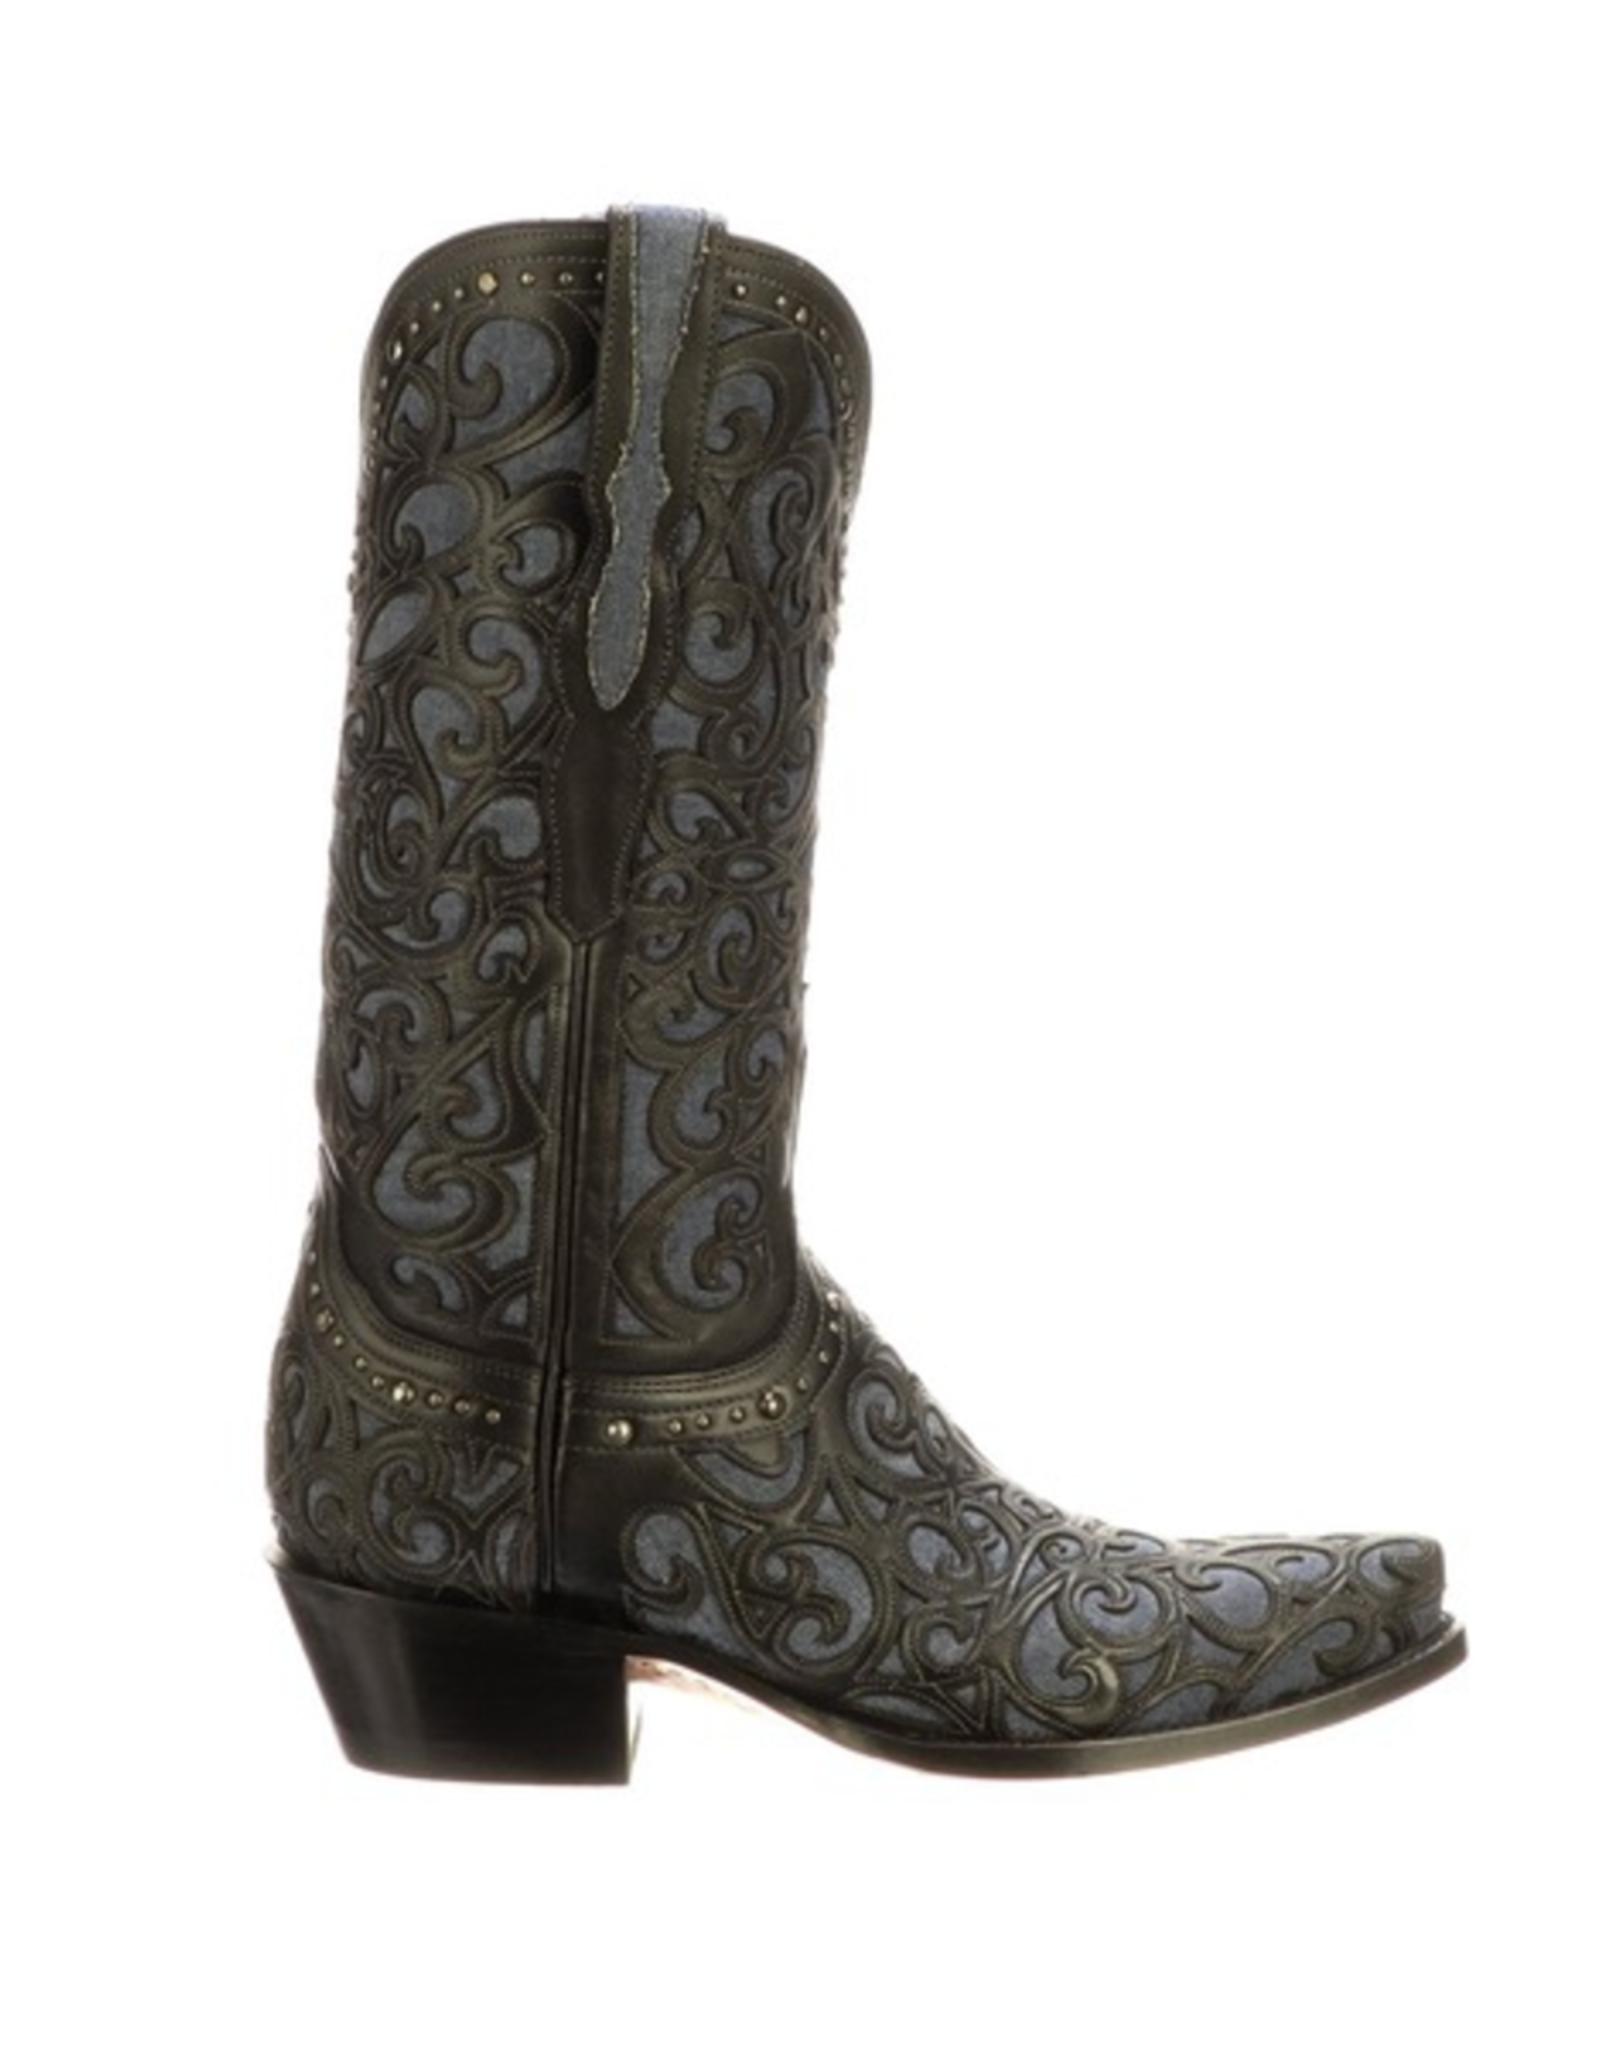 Lucchese Sierra, Top Grain Cowhide Boots